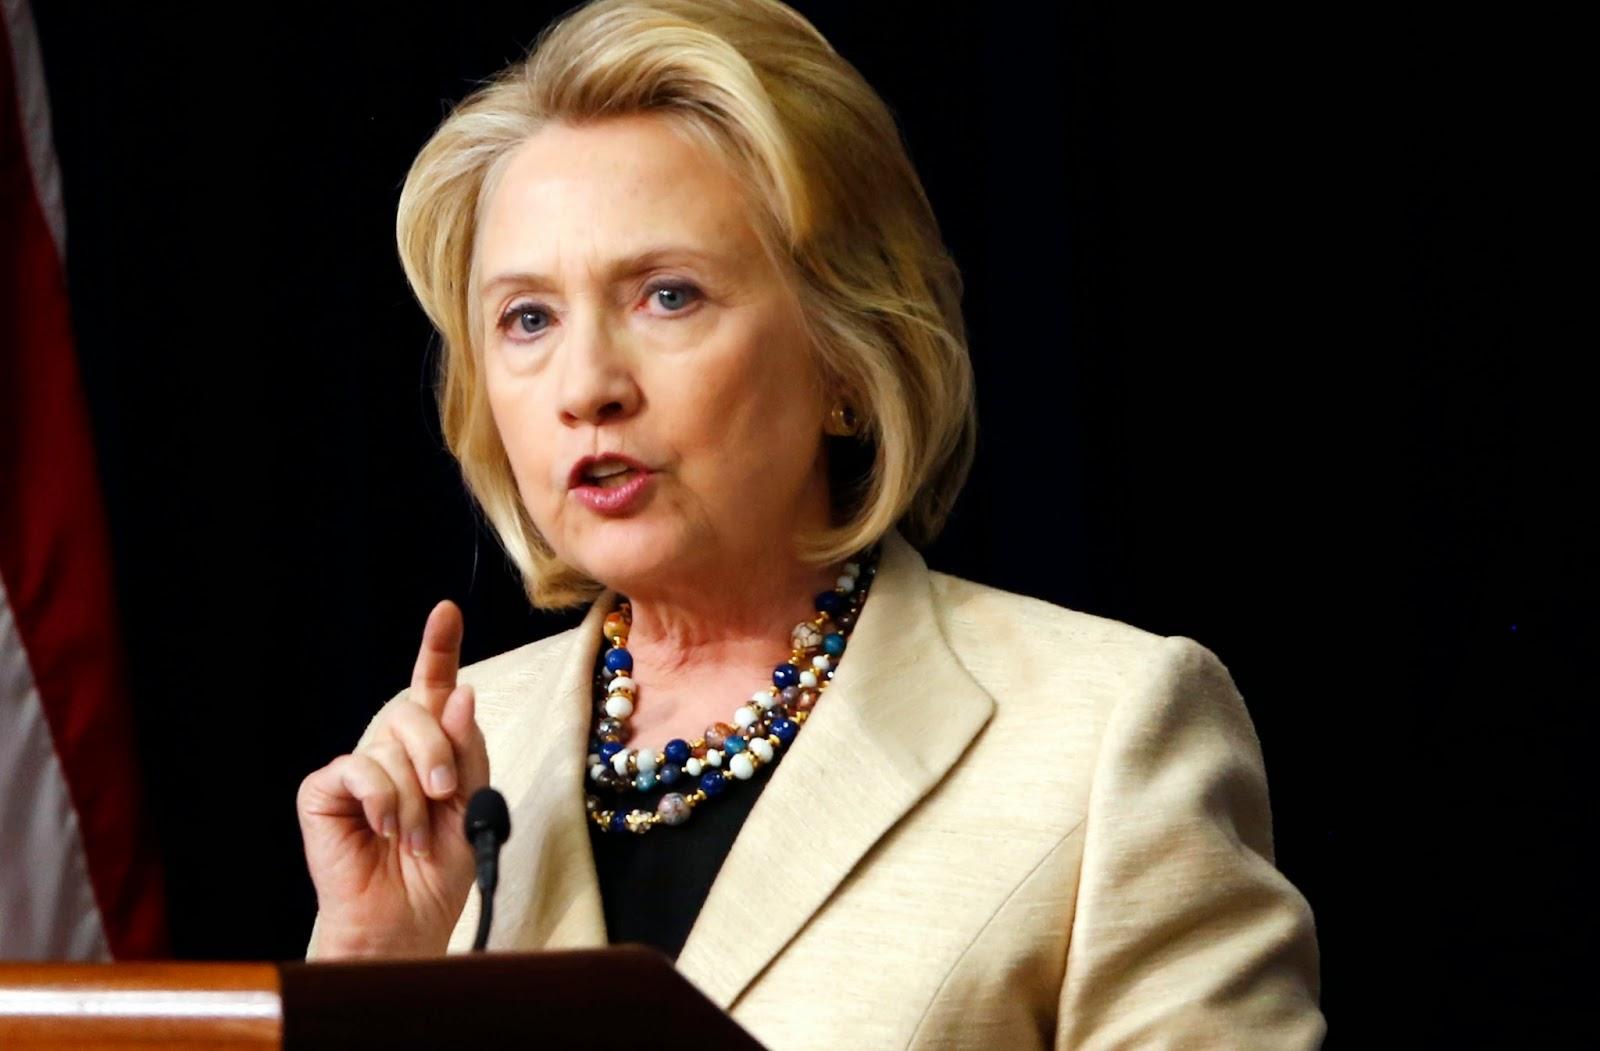 """MANTAN Menlu Amerika Serikat, Hillary Clinton mengeluarkan pernyataan mengejutkan dalam bukut terbarunya """"Hard Choice.""""  Dalam buku tersebut, Hillary mengakui bahwa ISIS dibentuk oleh AS bersama sekutunya untuk membuat Timur Tengah terus bergolak.   Dikutip laman bringislam.web.id, Rabu (22/2/2015) seperti dilansir harian Mesir, Elmihwar, disebutkan ISIS dibentuk dan diumumkan pada 5 Juni 2013 oleh pemerintah AS bersama dan negara-negara barat sekutunya demi memecah belah Timur Tengah (Timteng)."""